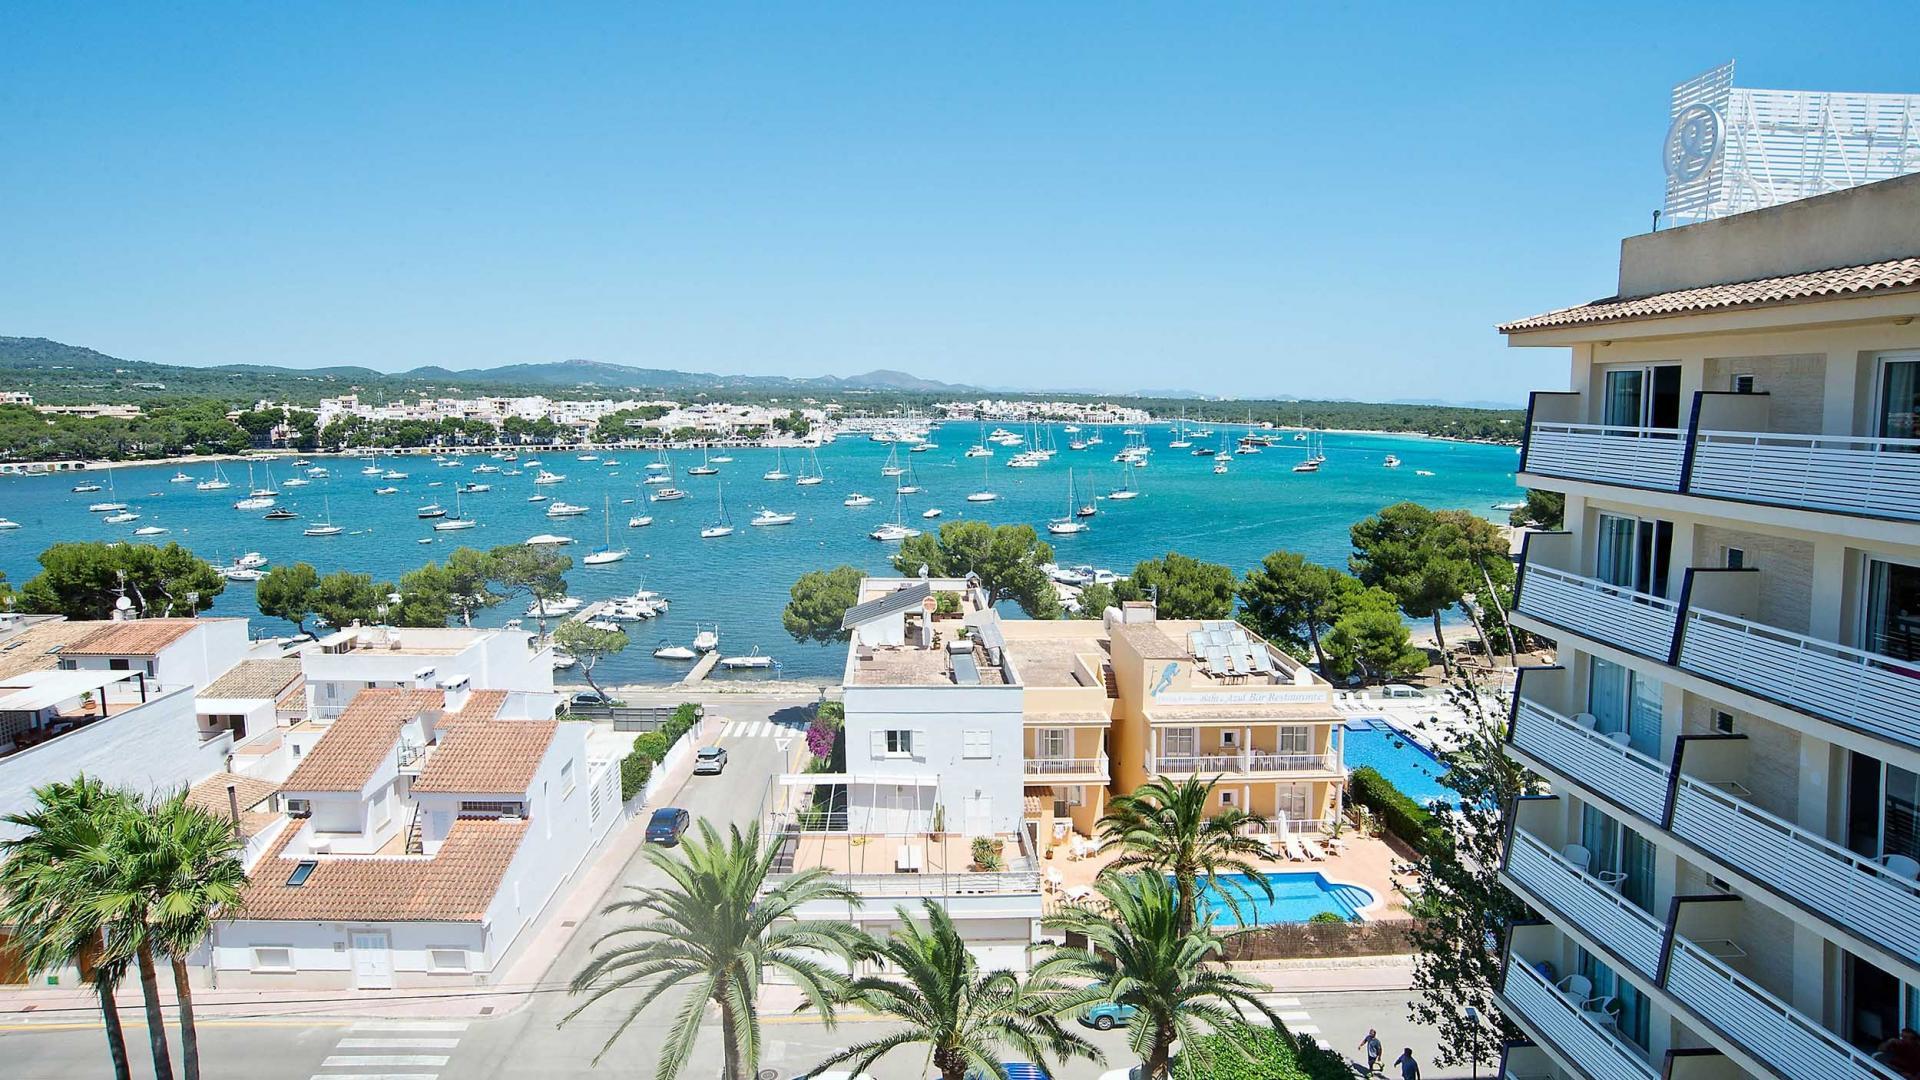 Verblijf 8 of 15 dagen in een 4*-hotel op Mallorca incl. vlucht en autohuur